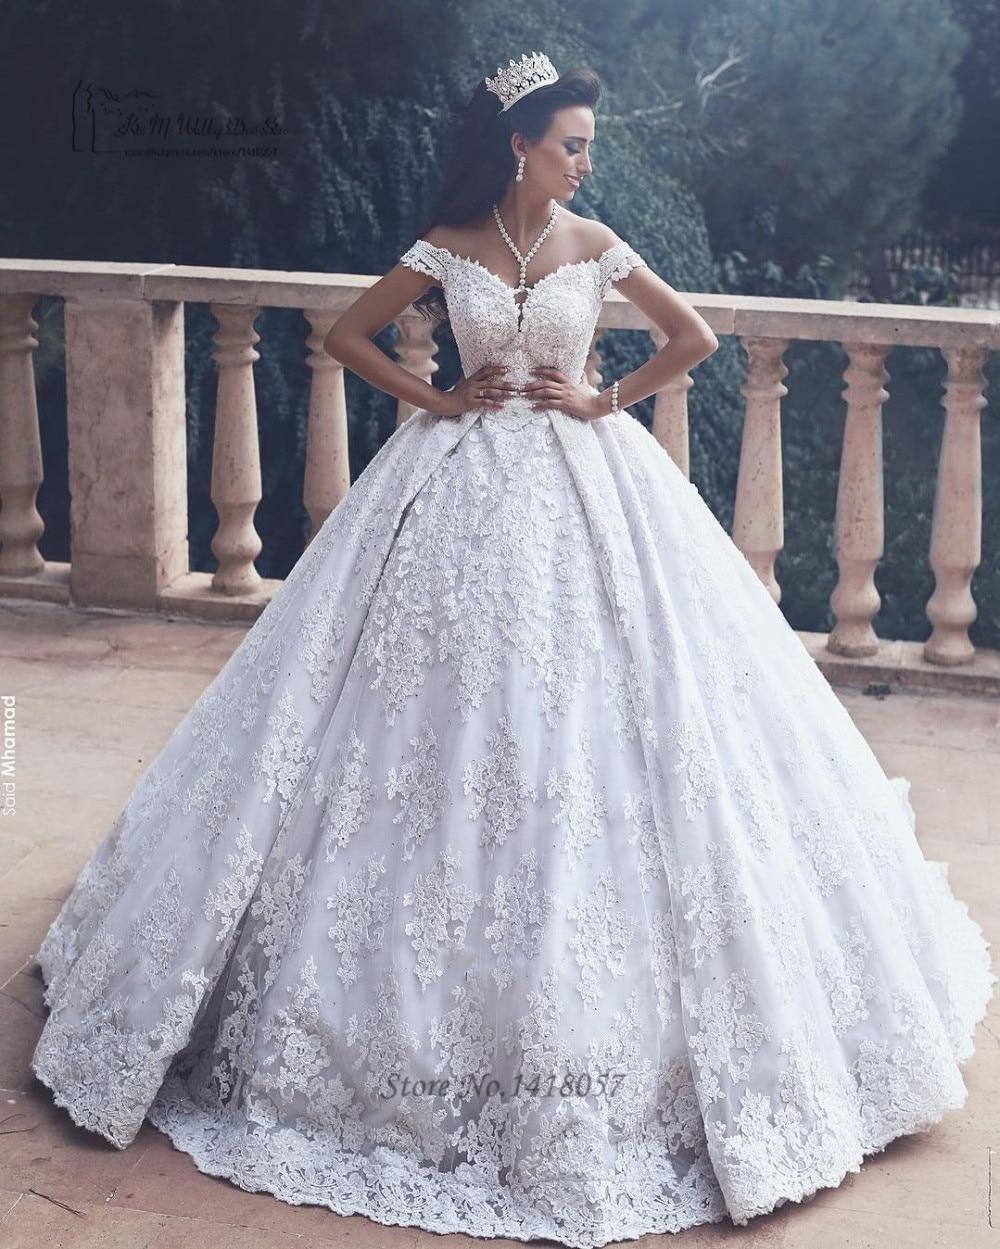 Luxus Dubai Brautkleider Türkei Ballkleid Braut Kleid Spitze ...